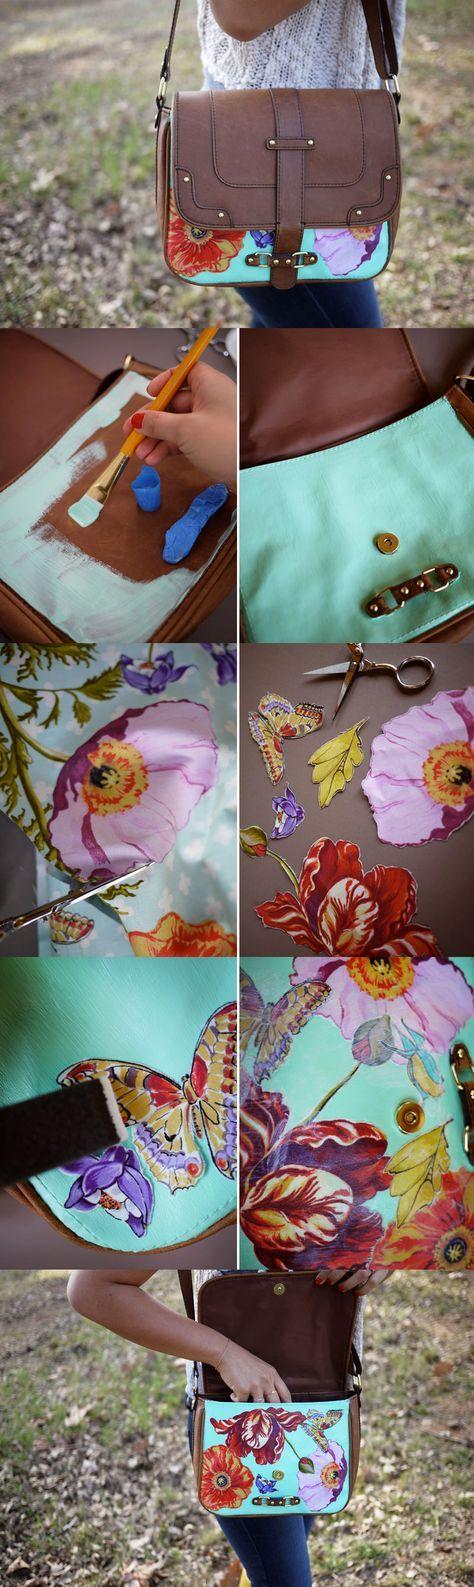 DIY Découpage Floral Bag Tutorial                                                                                                                                                      More